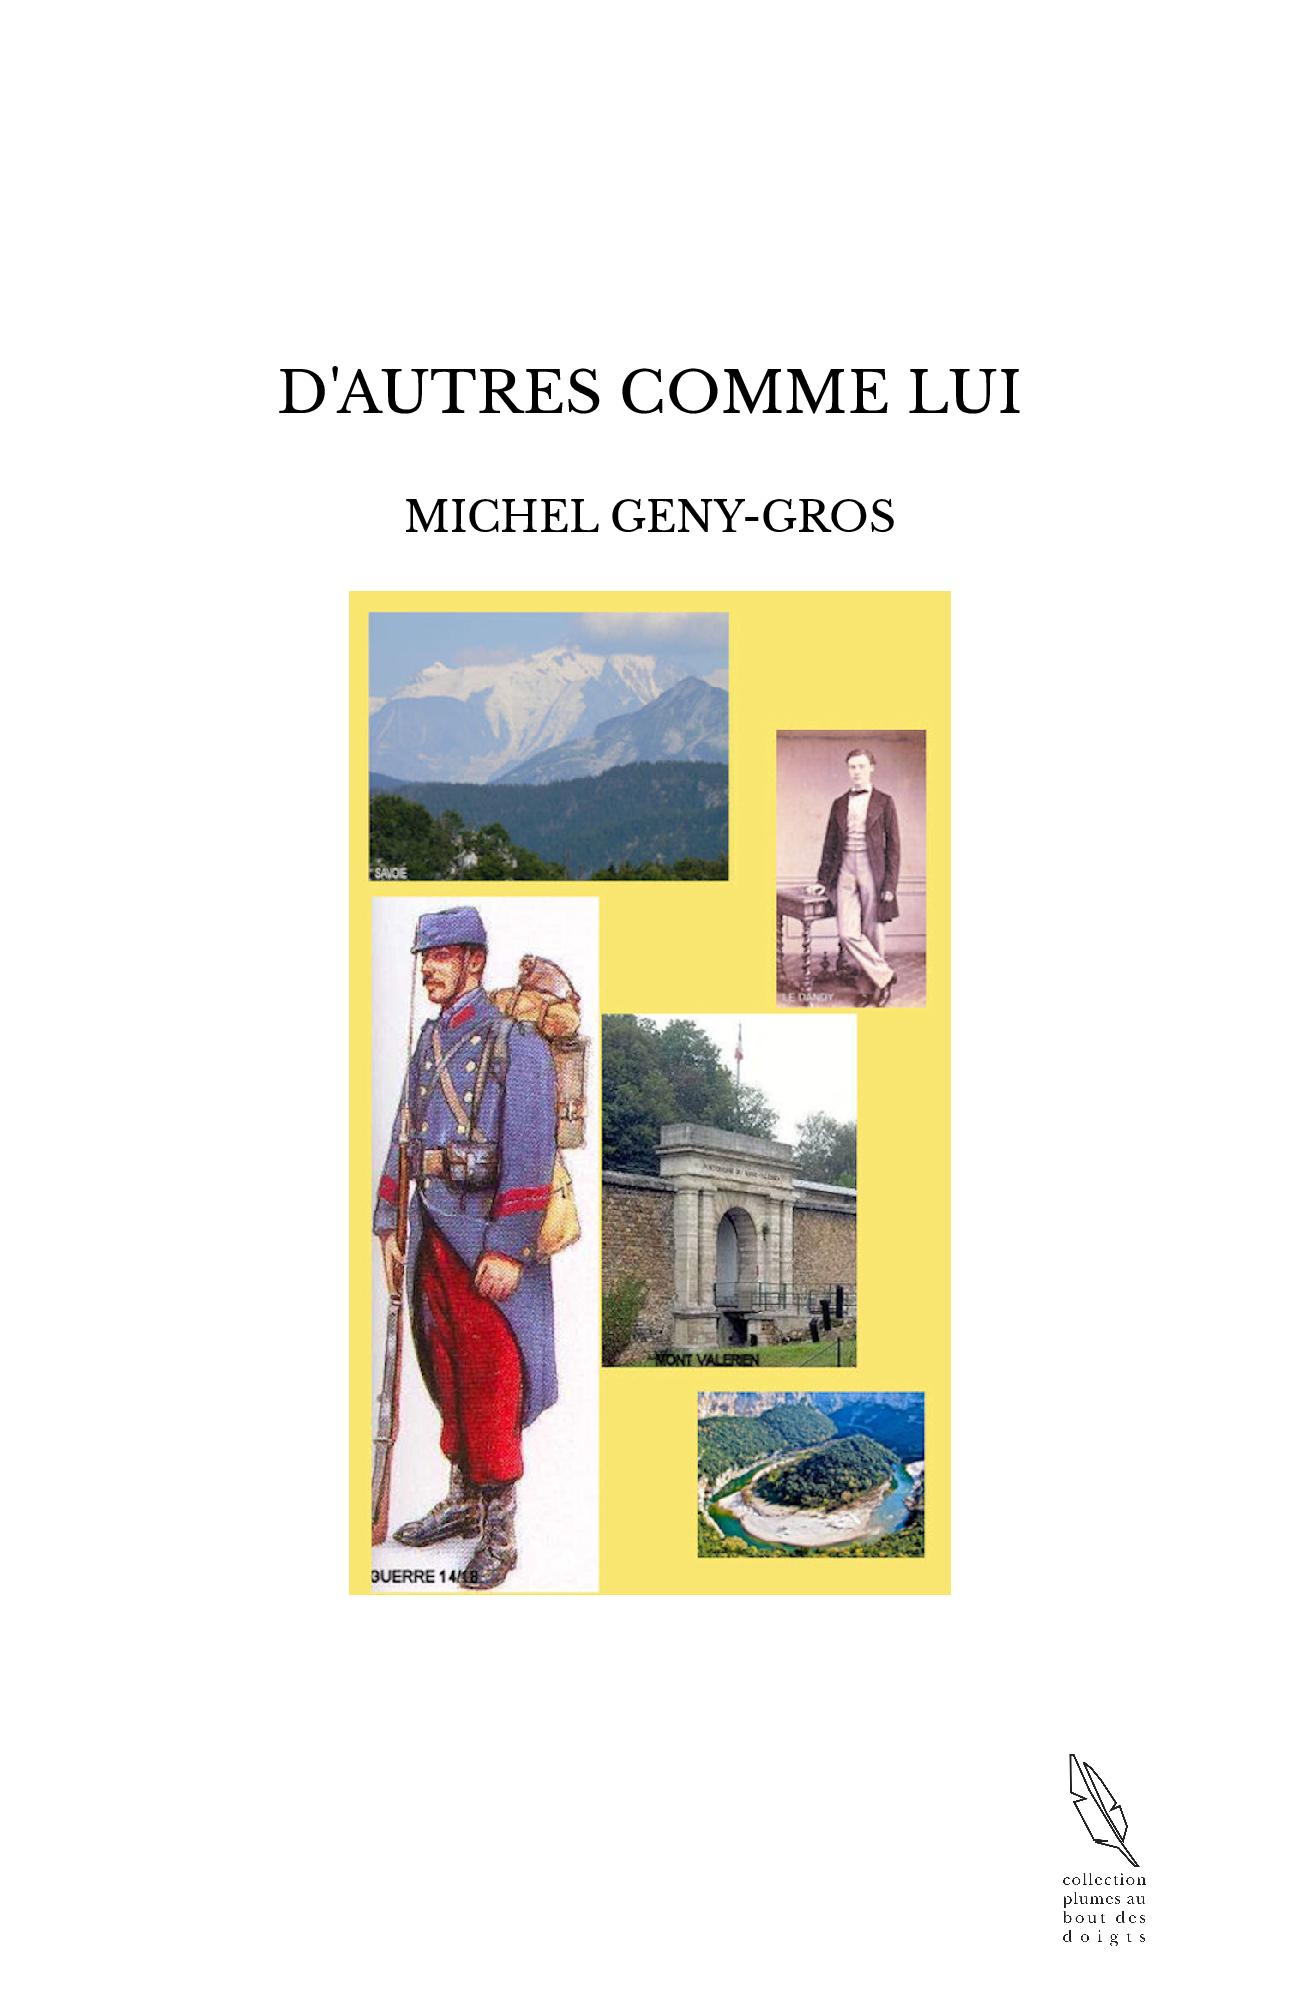 D'AUTRES COMME LUI